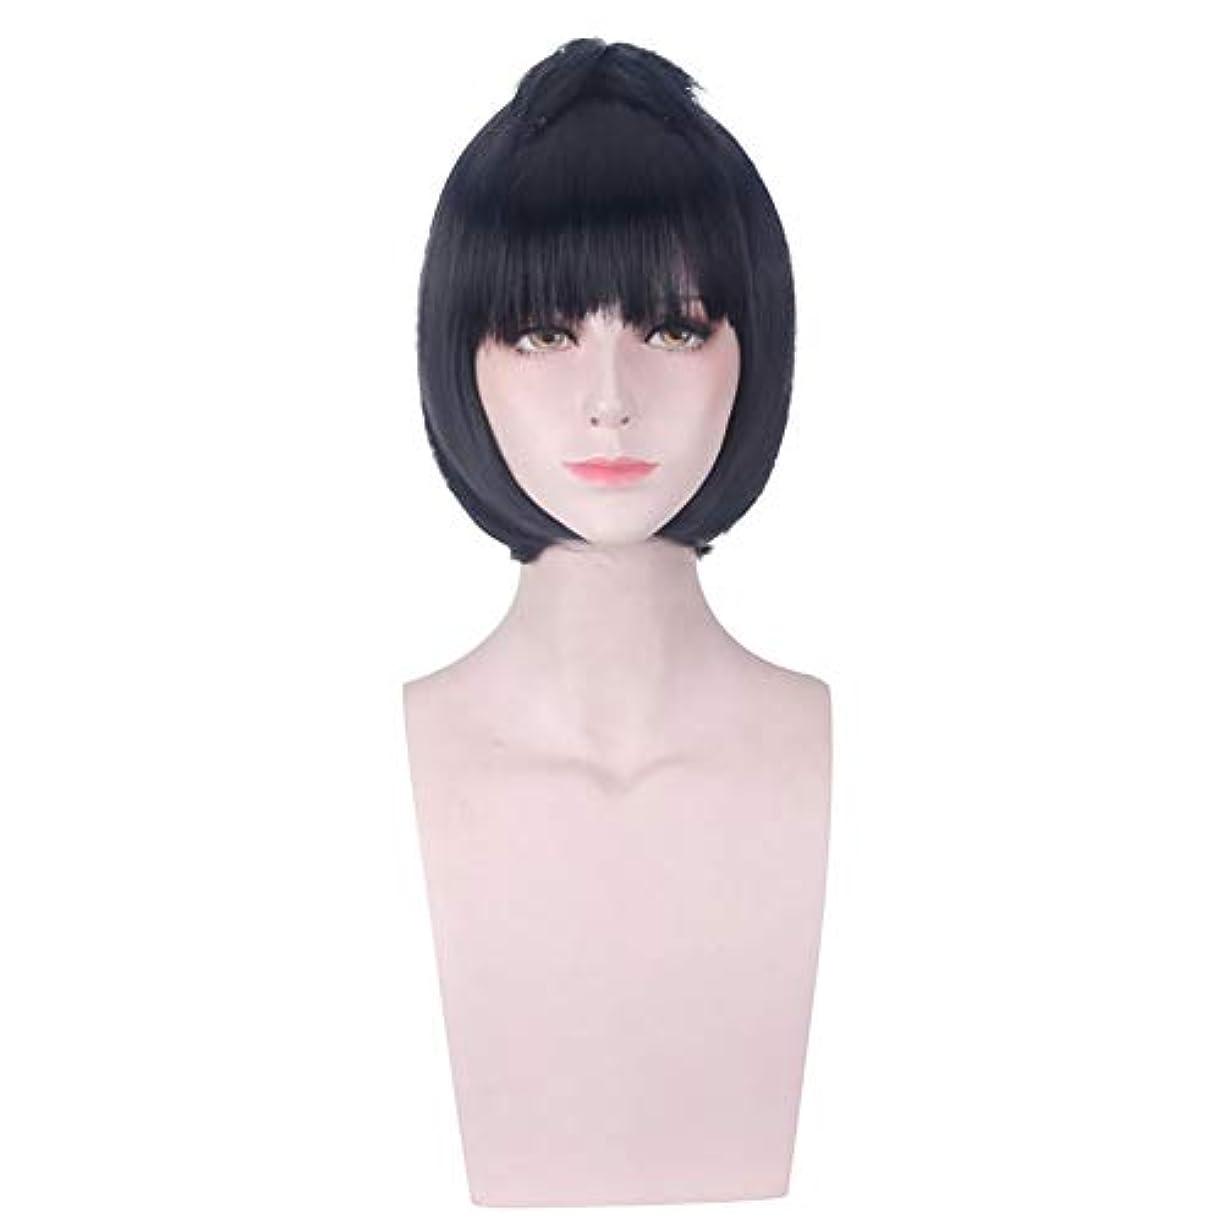 ピース仮装チャート前髪/前髪ウィッグと女性の合成黒ショートウィッグ高温ファイバーヘアー